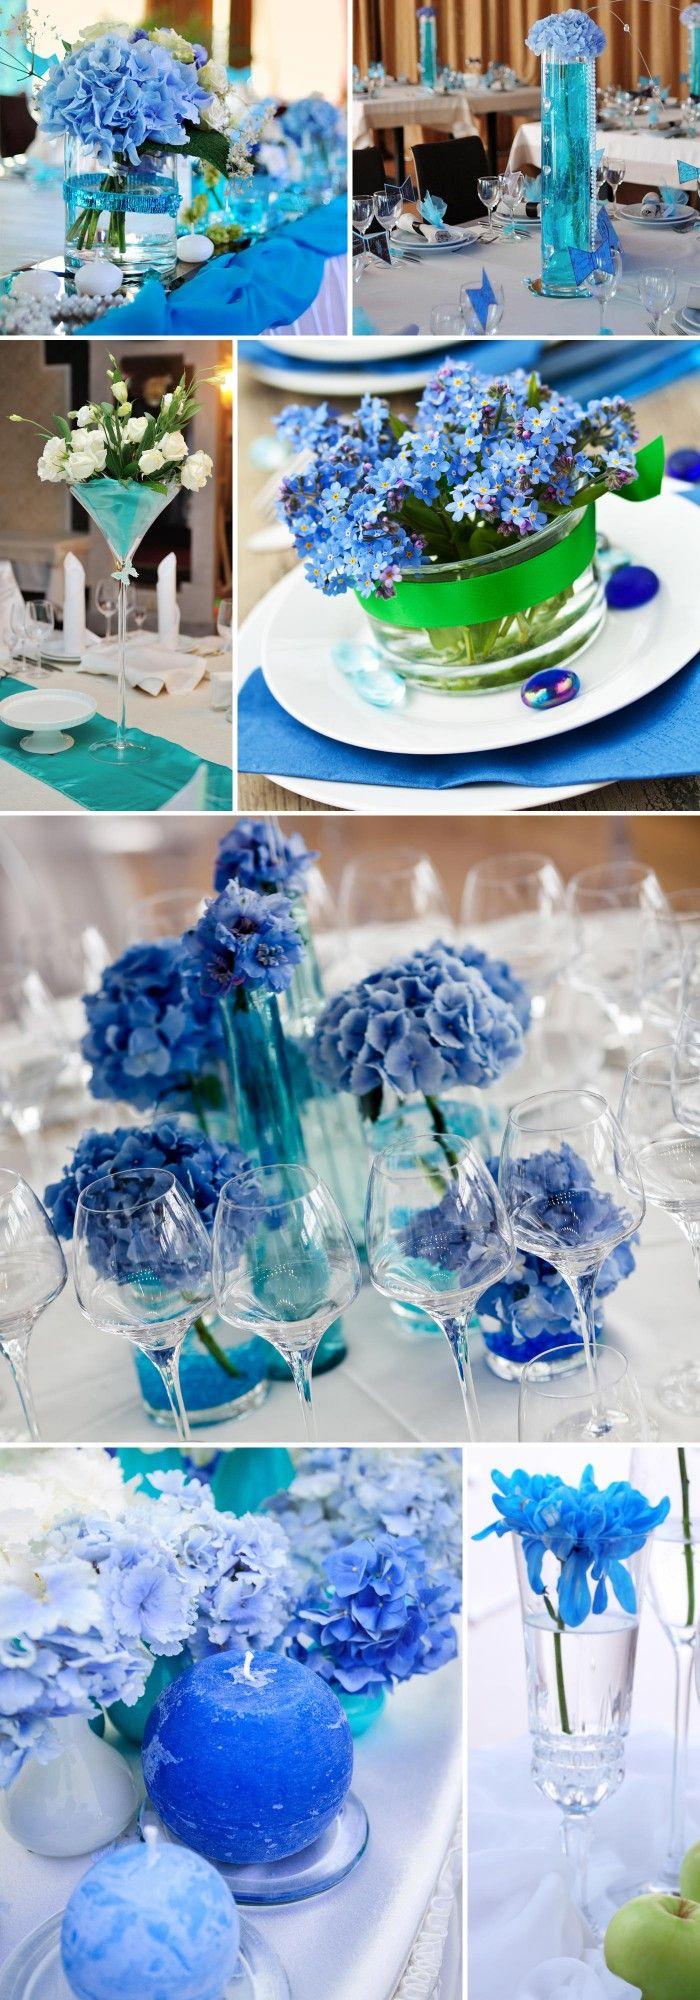 Tischdeko in Trkis  Blau  Tischdekoration zur Hochzeit  Blaue hochzeiten Hochzeitsdeko und